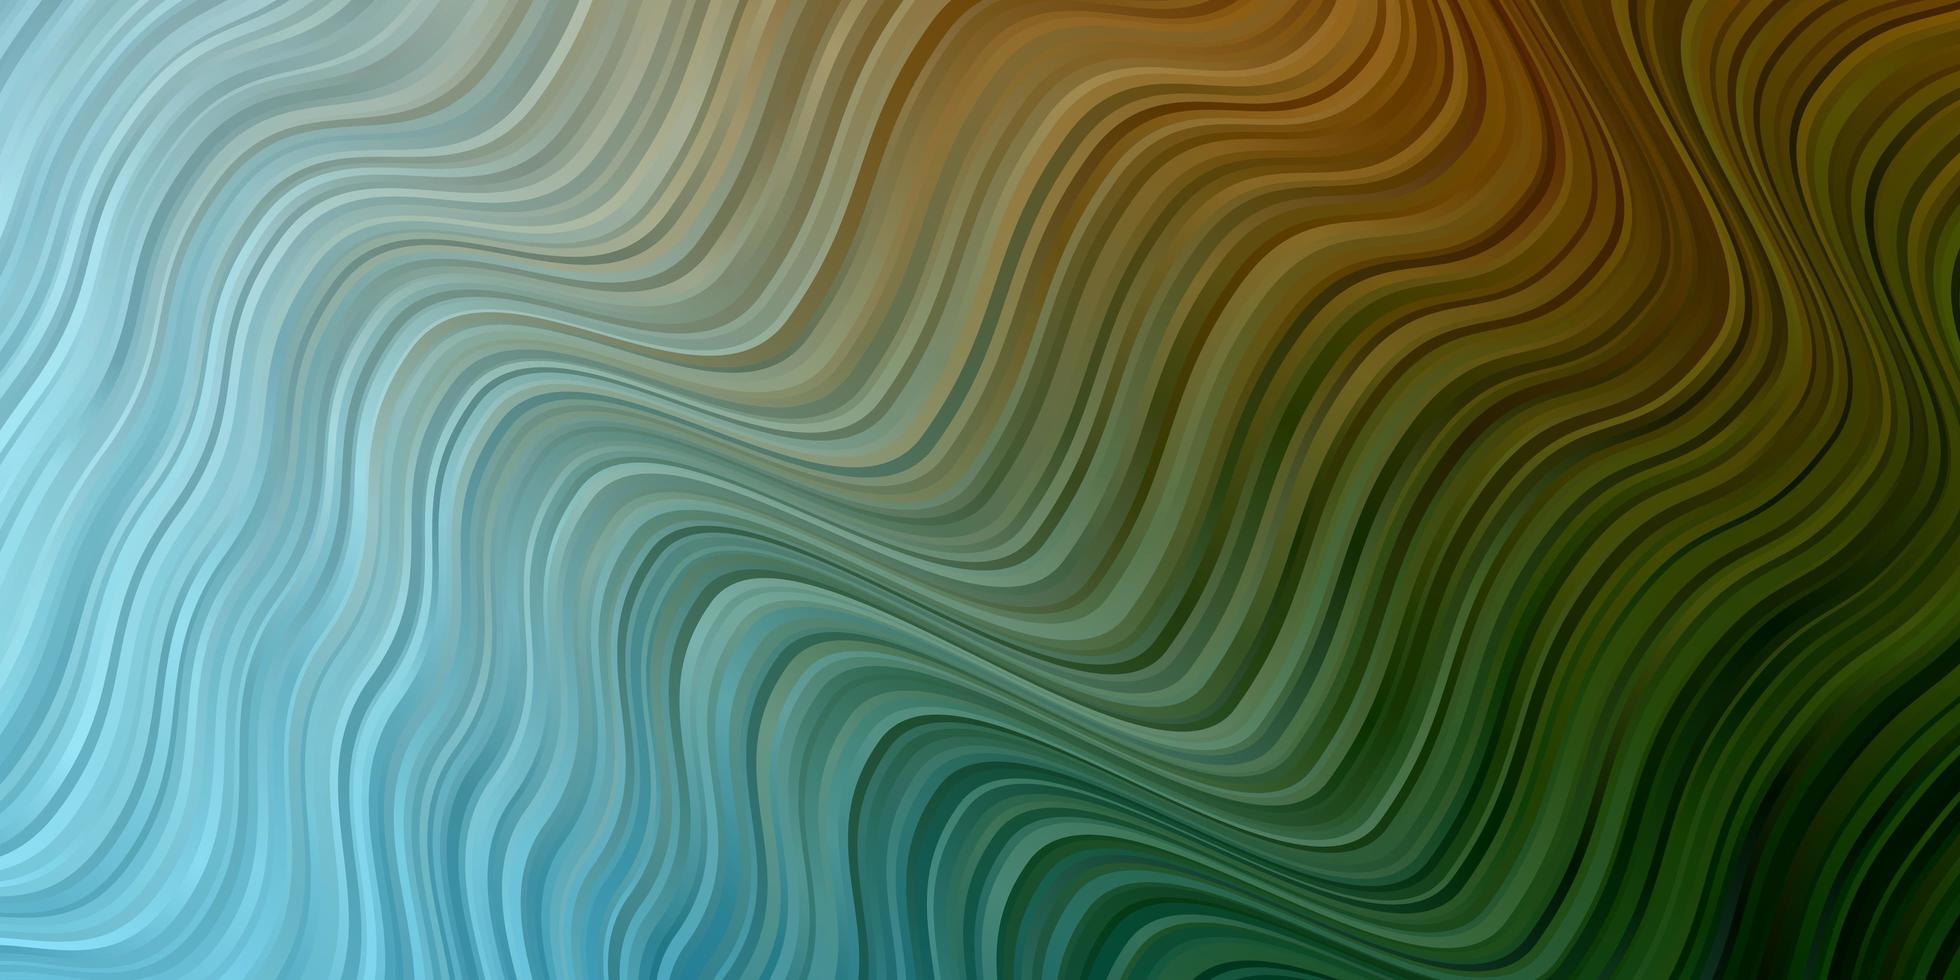 toile de fond de vecteur bleu clair, vert avec arc circulaire.